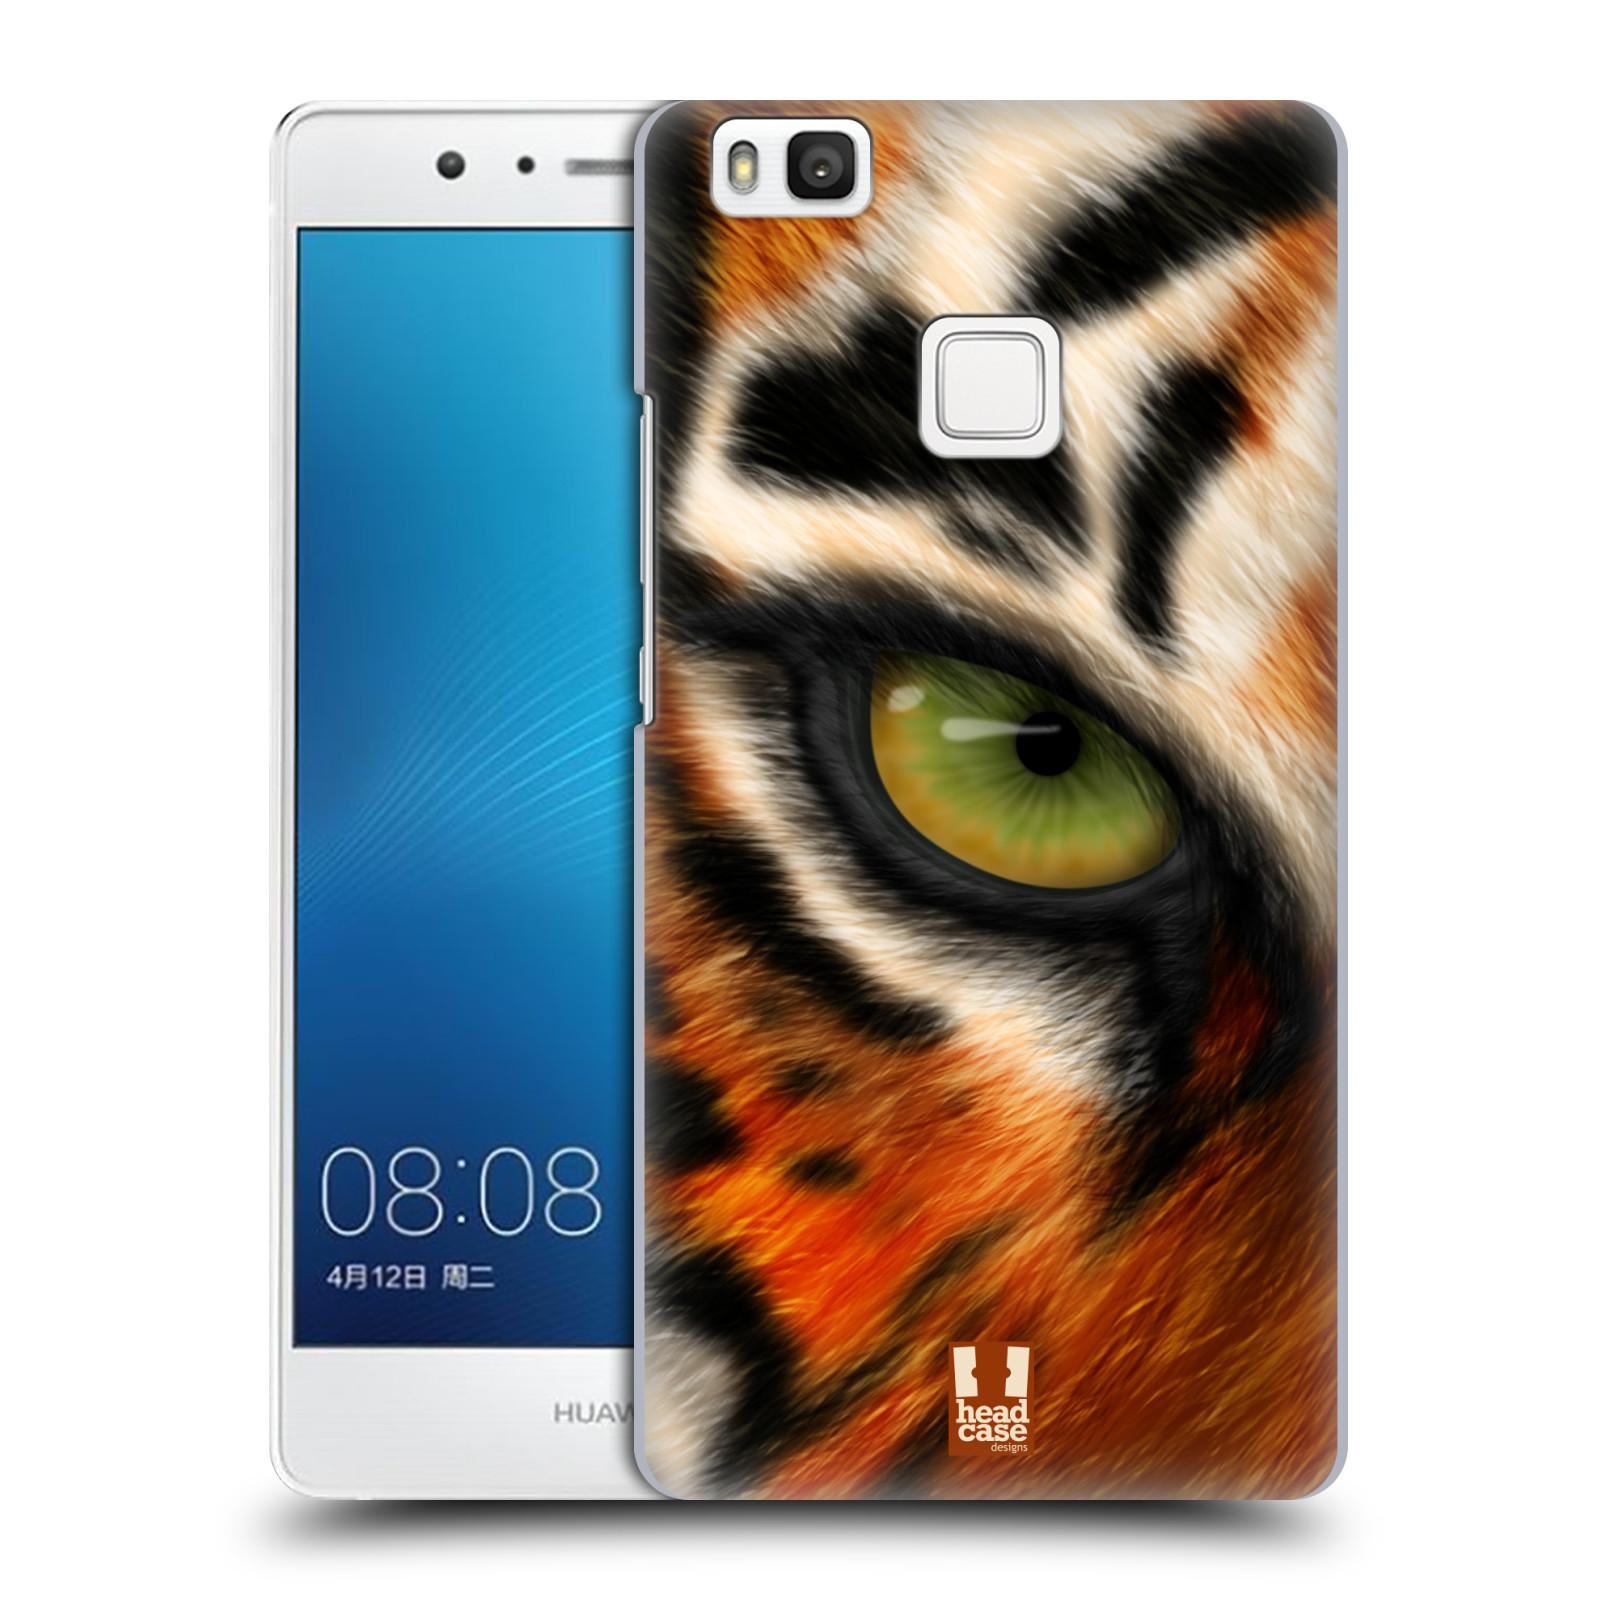 HEAD CASE plastový obal na mobil Huawei P9 LITE / P9 LITE DUAL SIM vzor pohled zvířete oko tygr